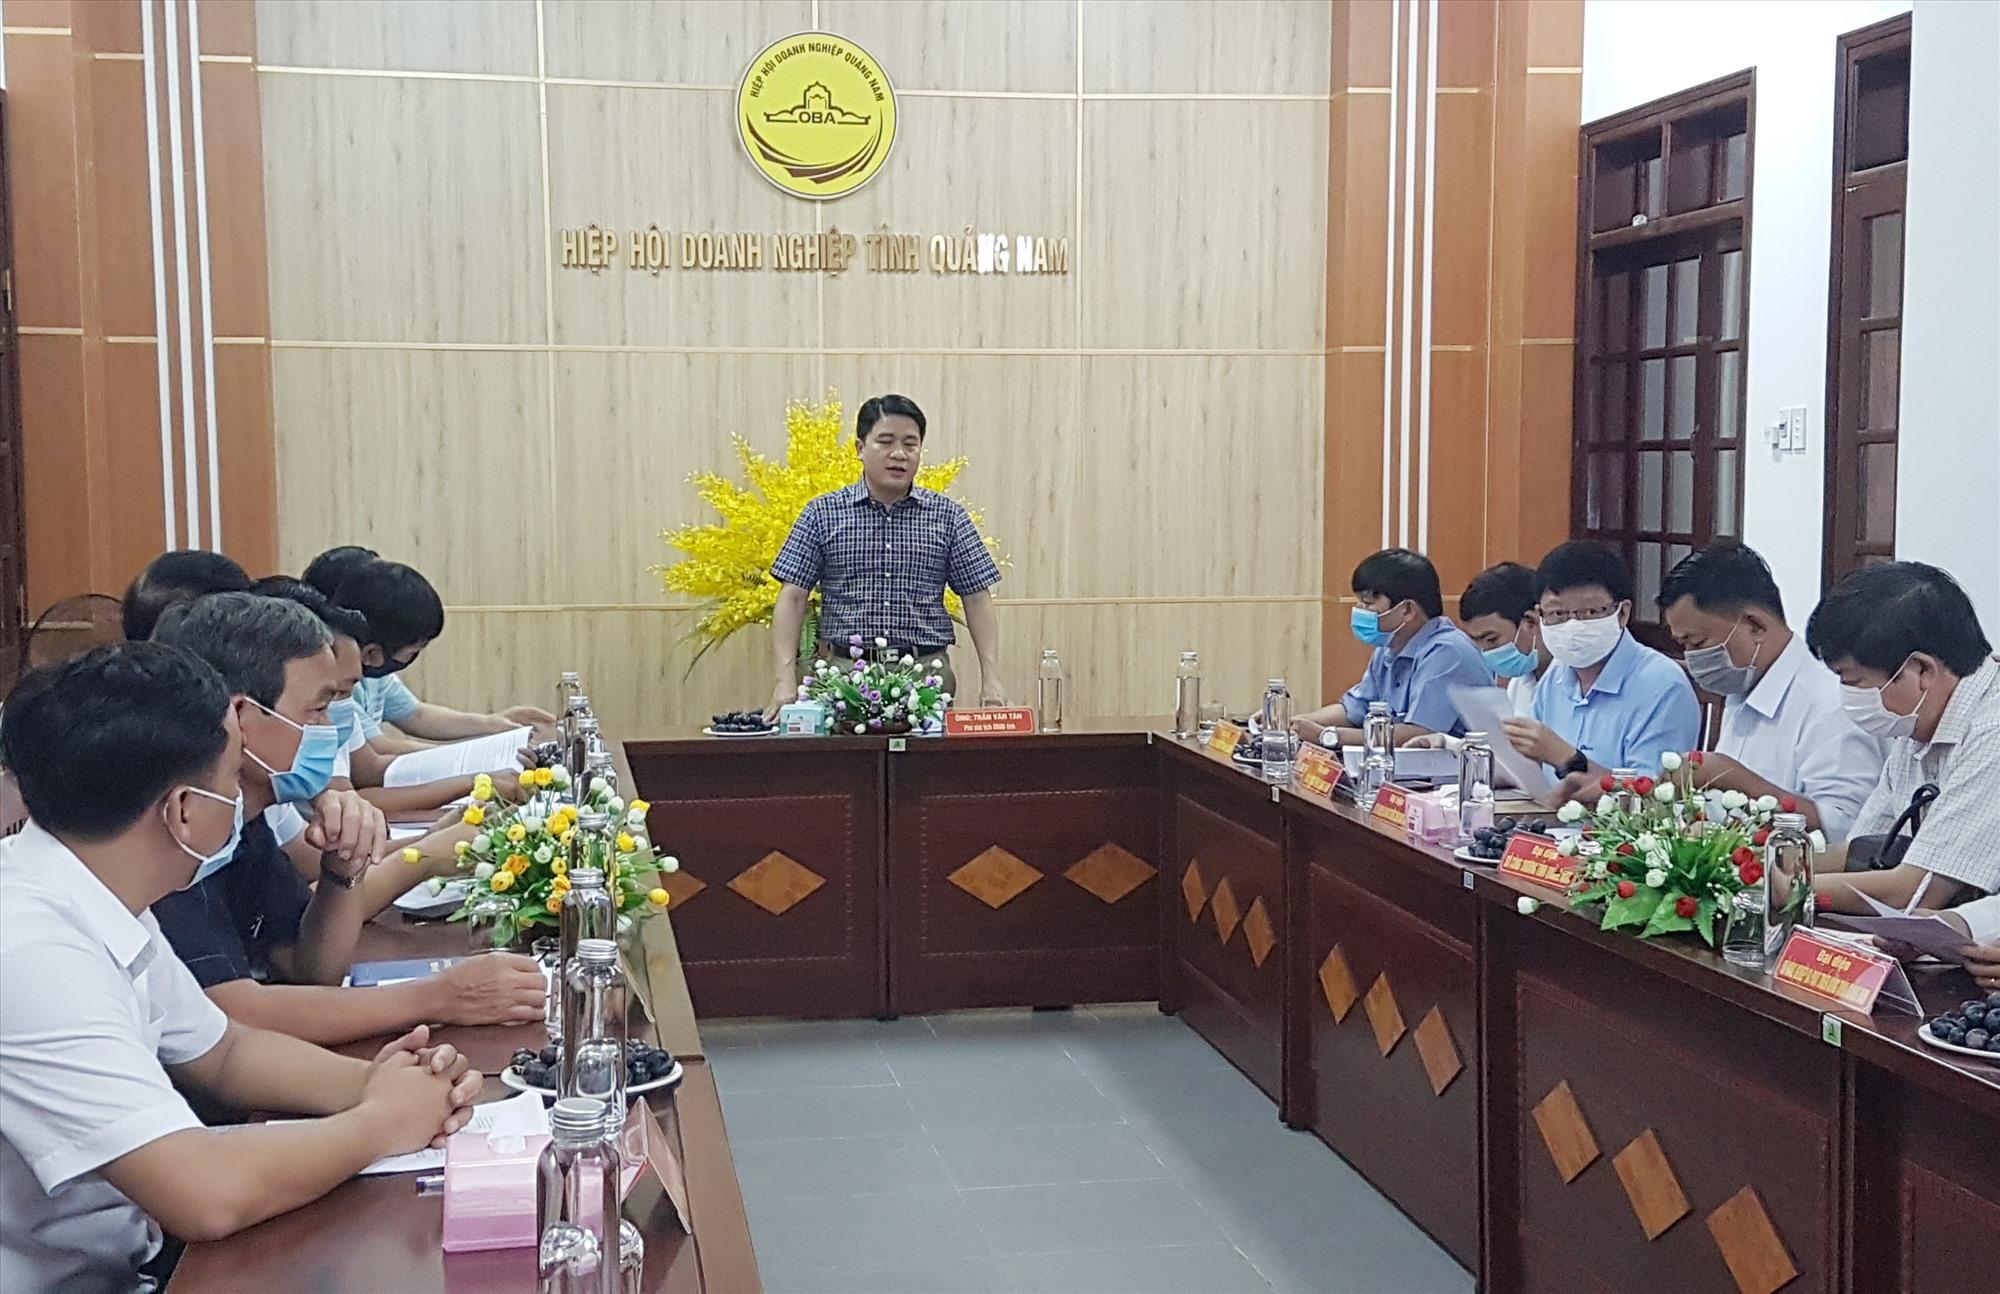 Phó Chủ tịch UBND tỉnh Trần Văn Tân chủ trì buổi tiếp doanh nghiệp định kỳ tháng 6.2021. Ảnh: D.L